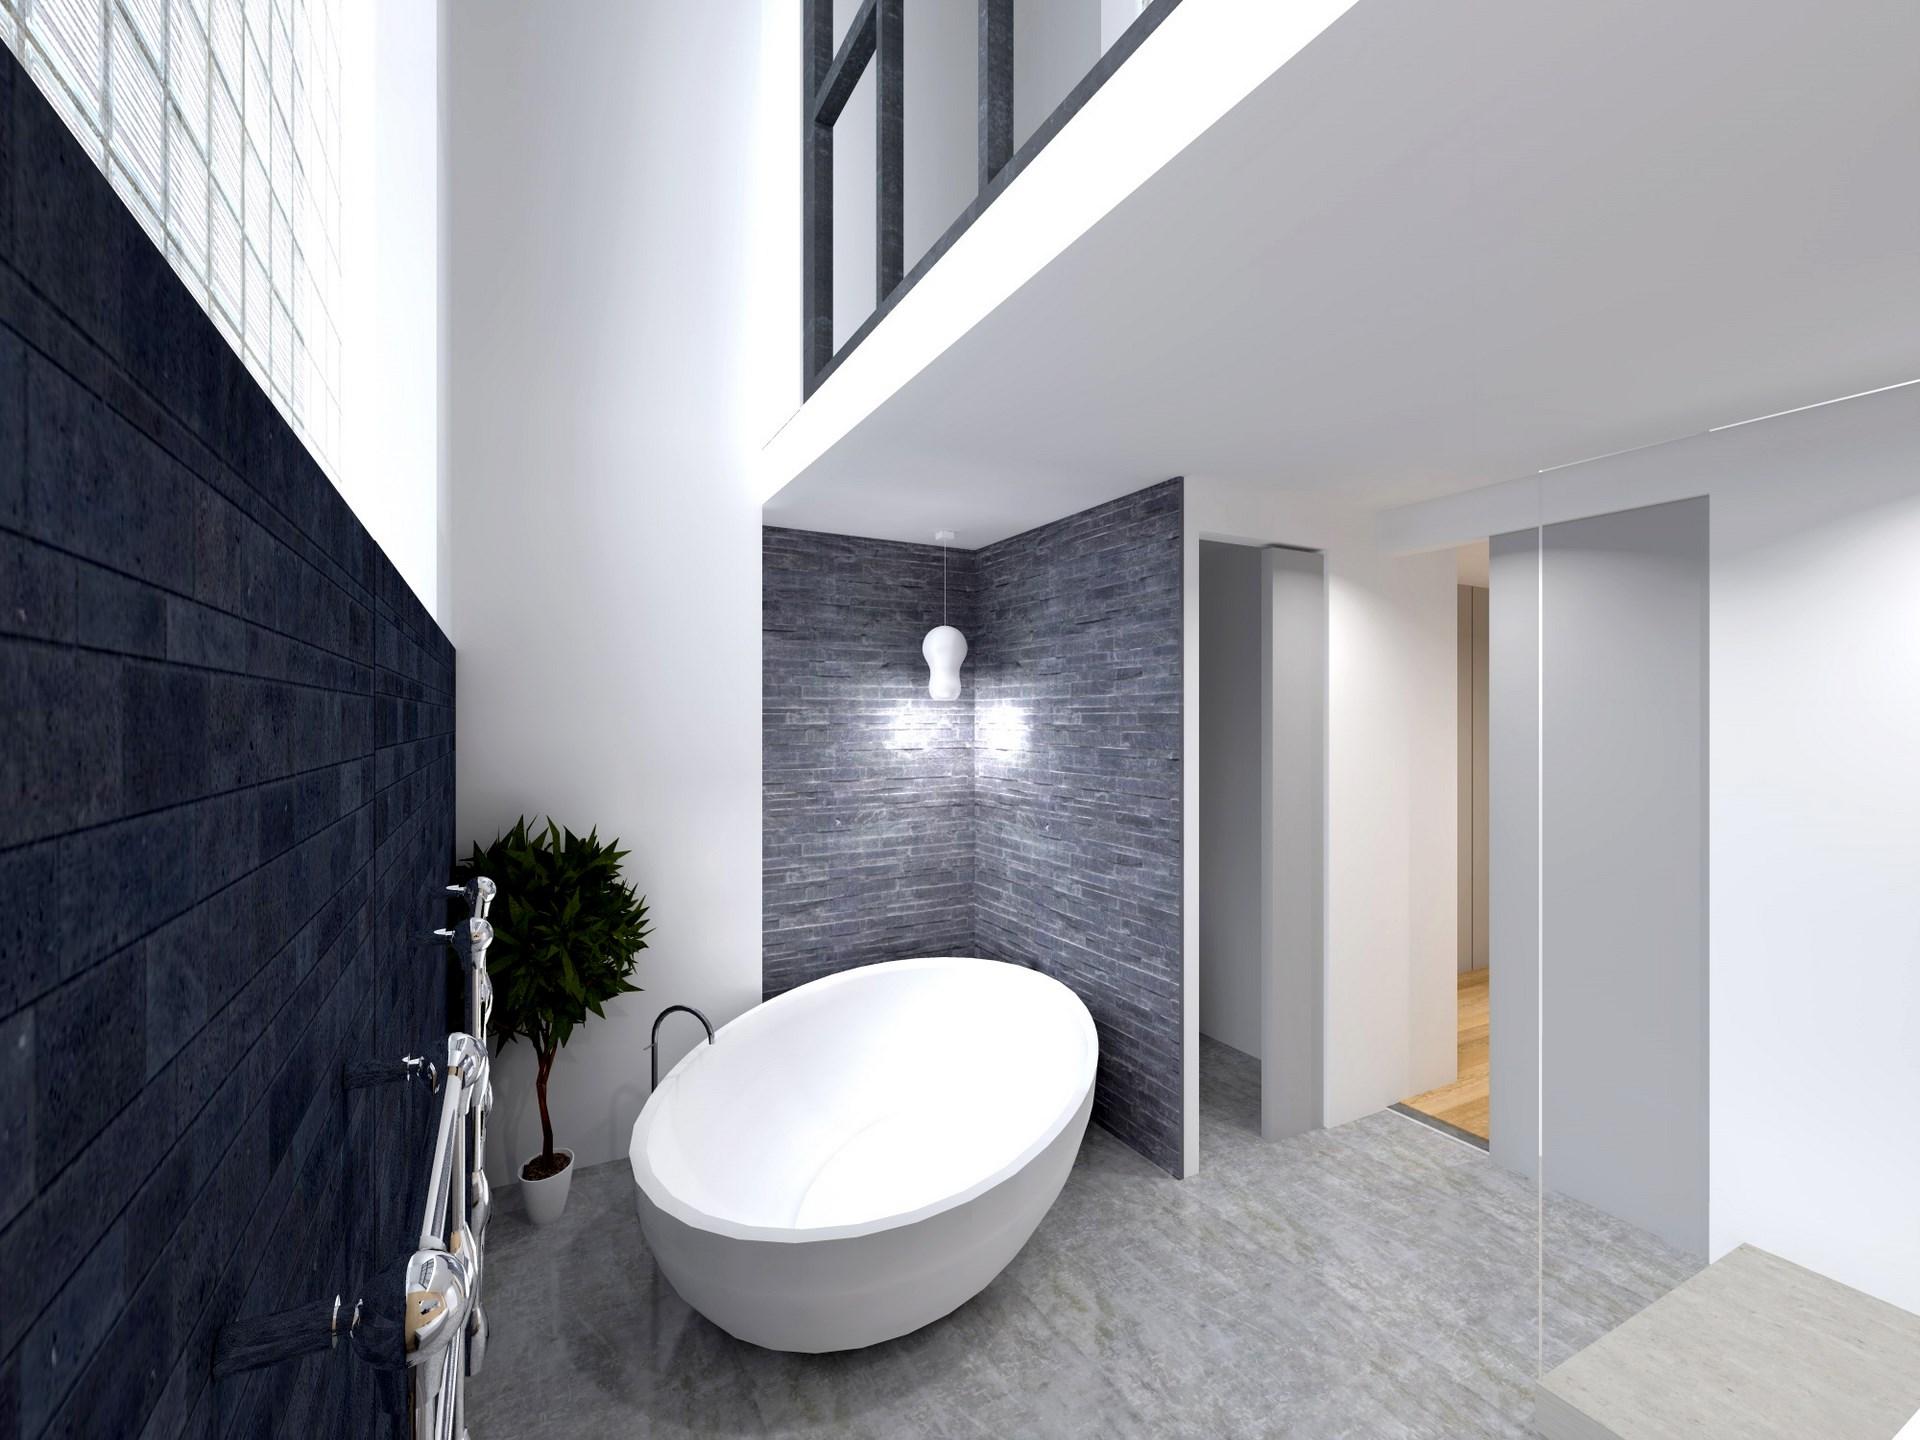 Baignoire ilot loft 2 baignoire lot ovale x cm composite for Baignoire carree encastrable